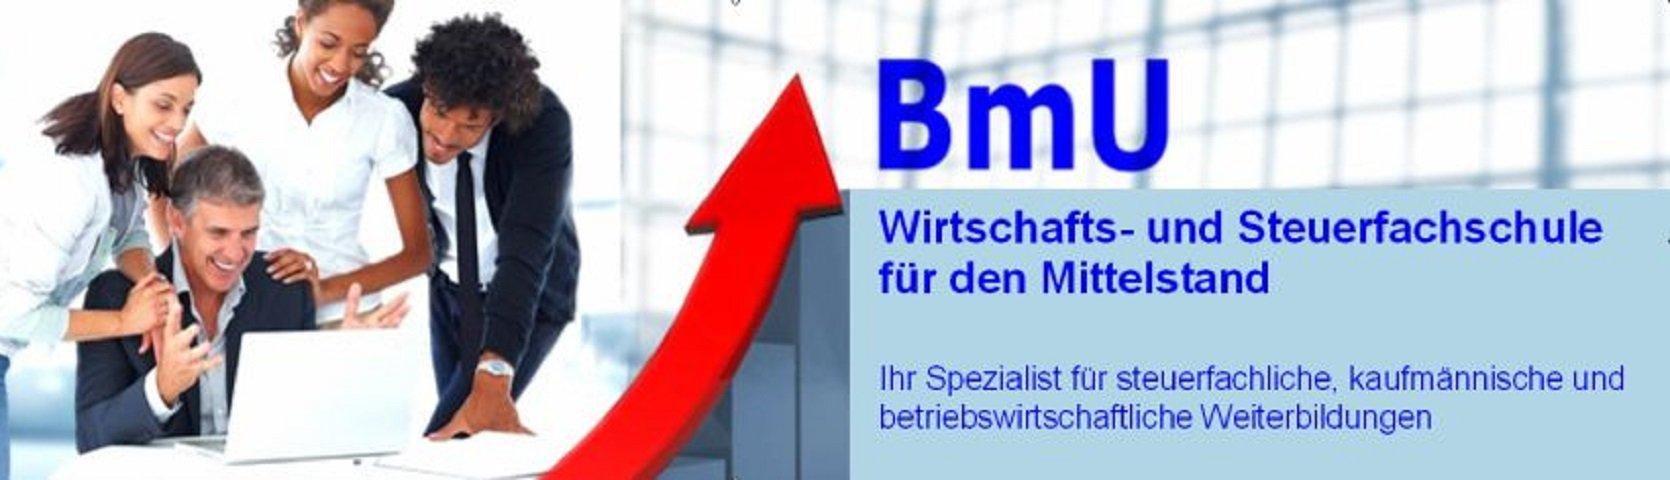 BmU - Wirtschafts- und Steuerfachschule für den Mittelstand